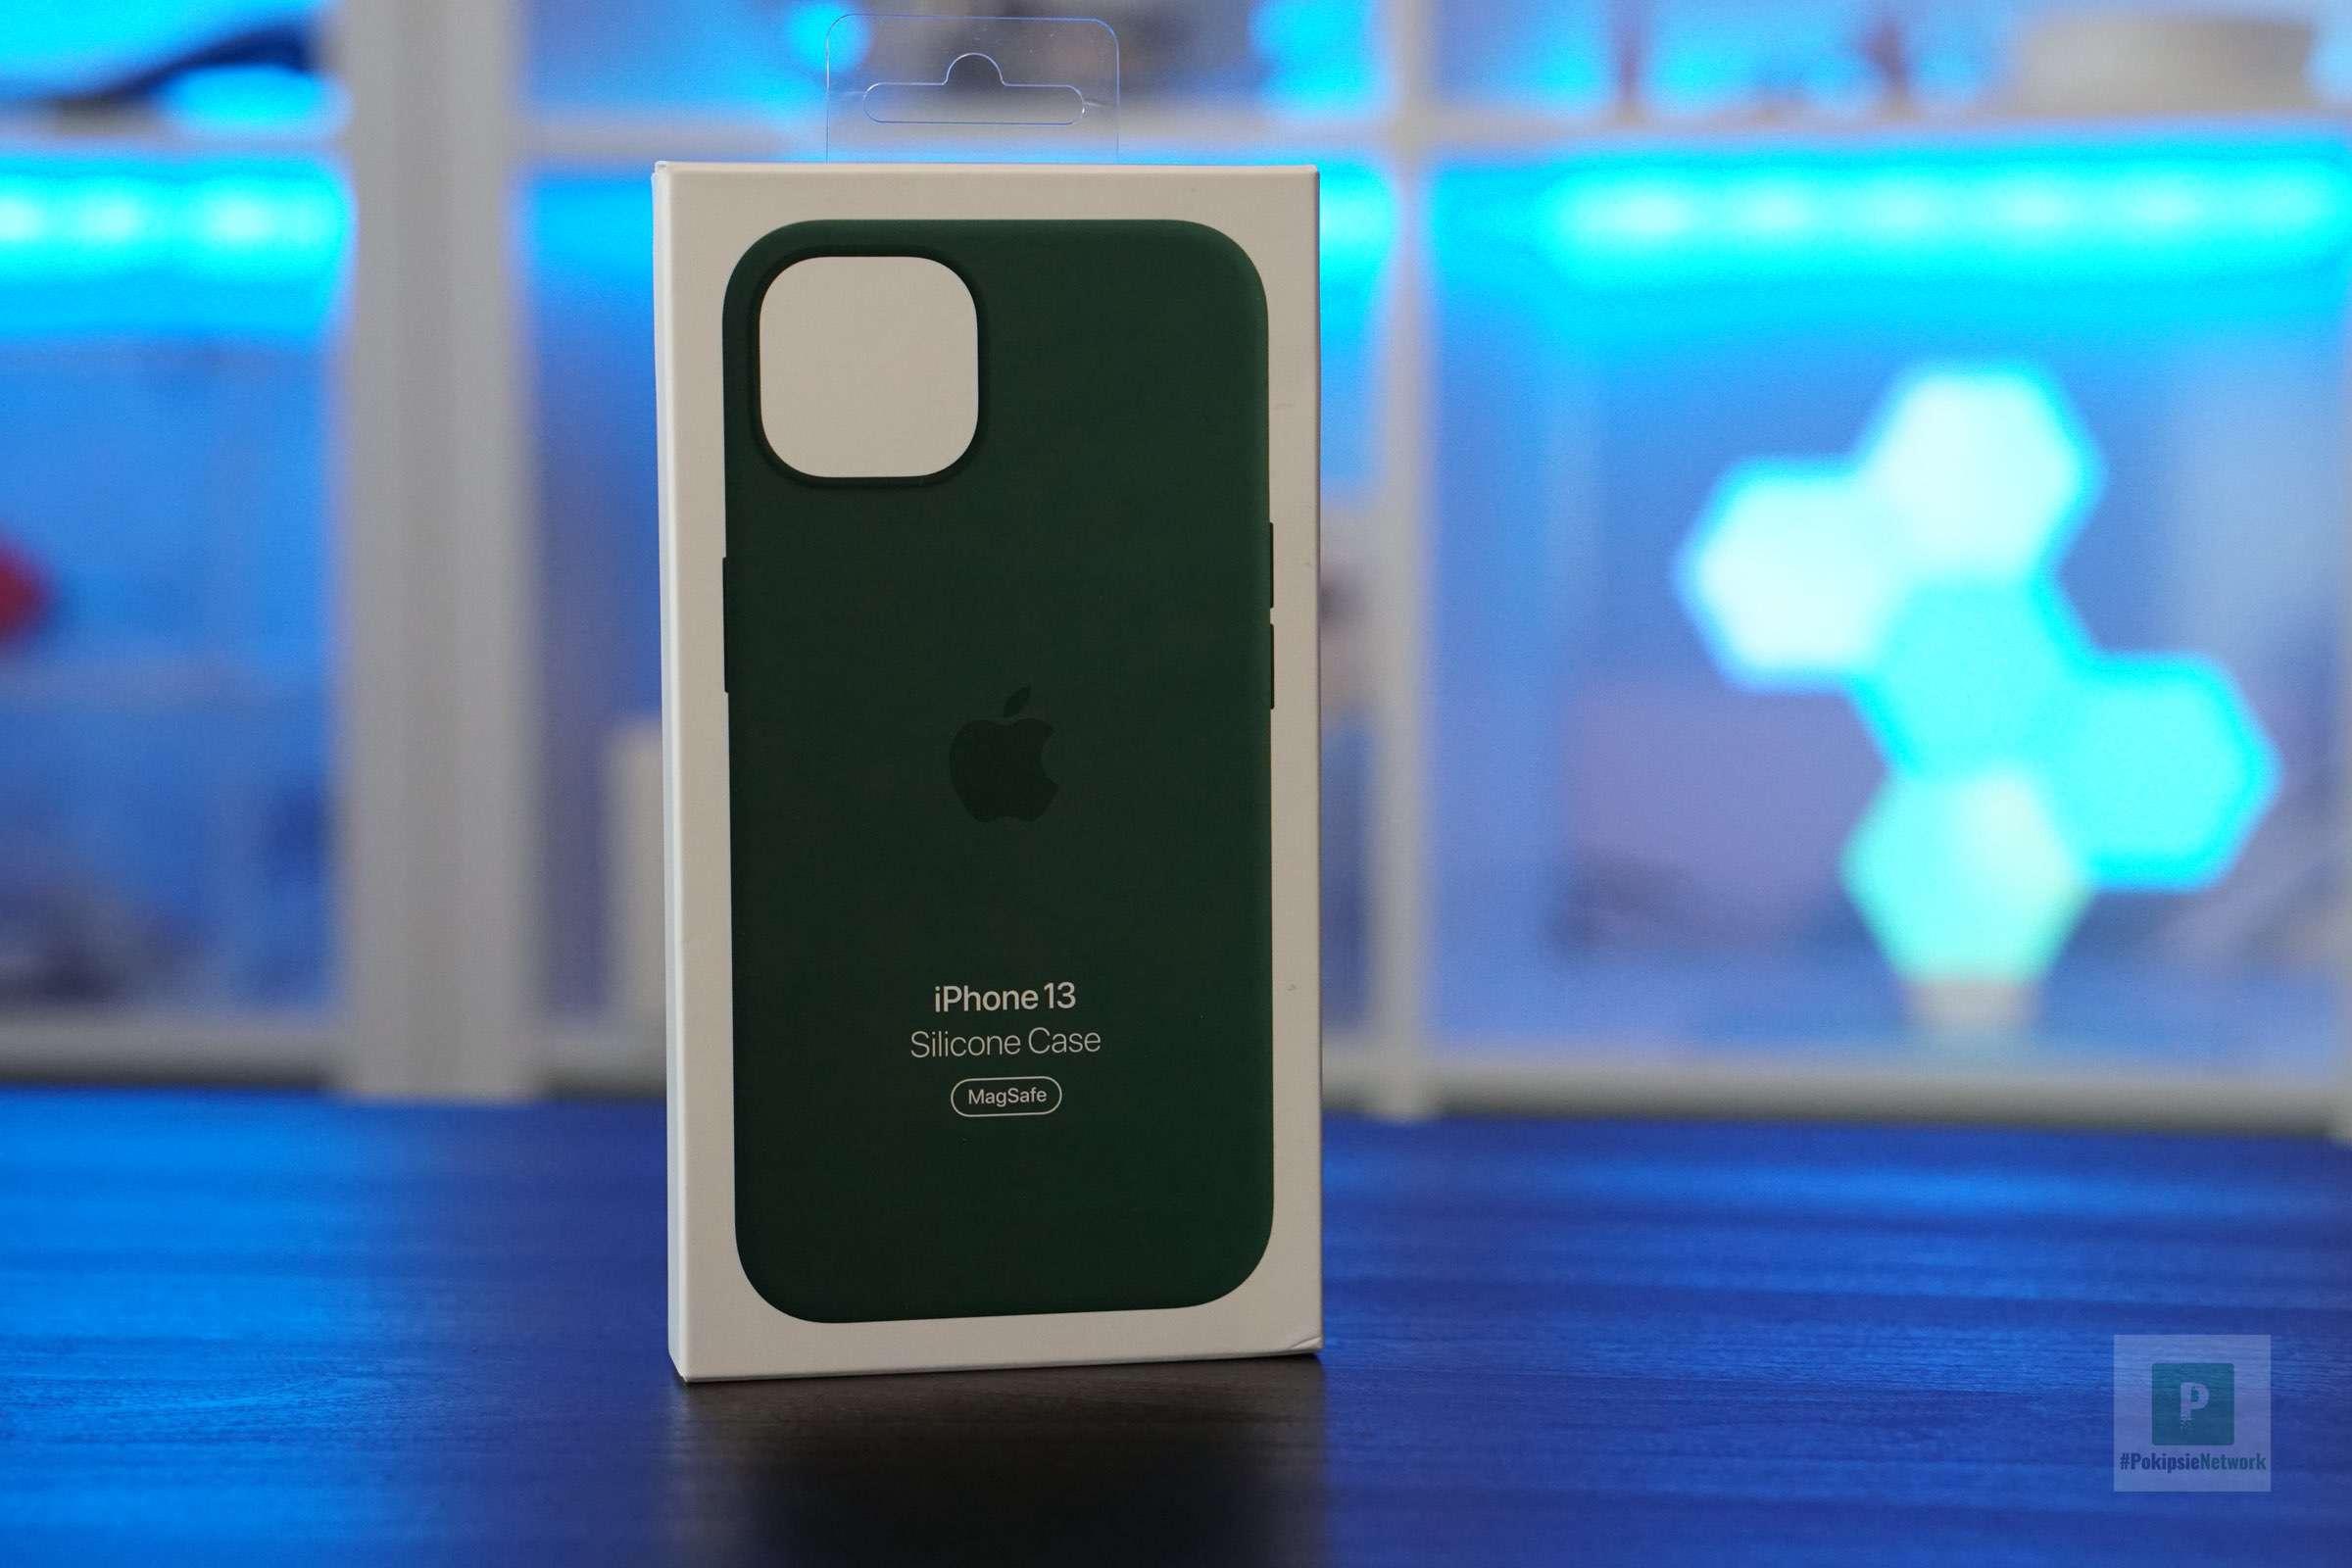 Apple Silikon Hülle vom iPhone 13